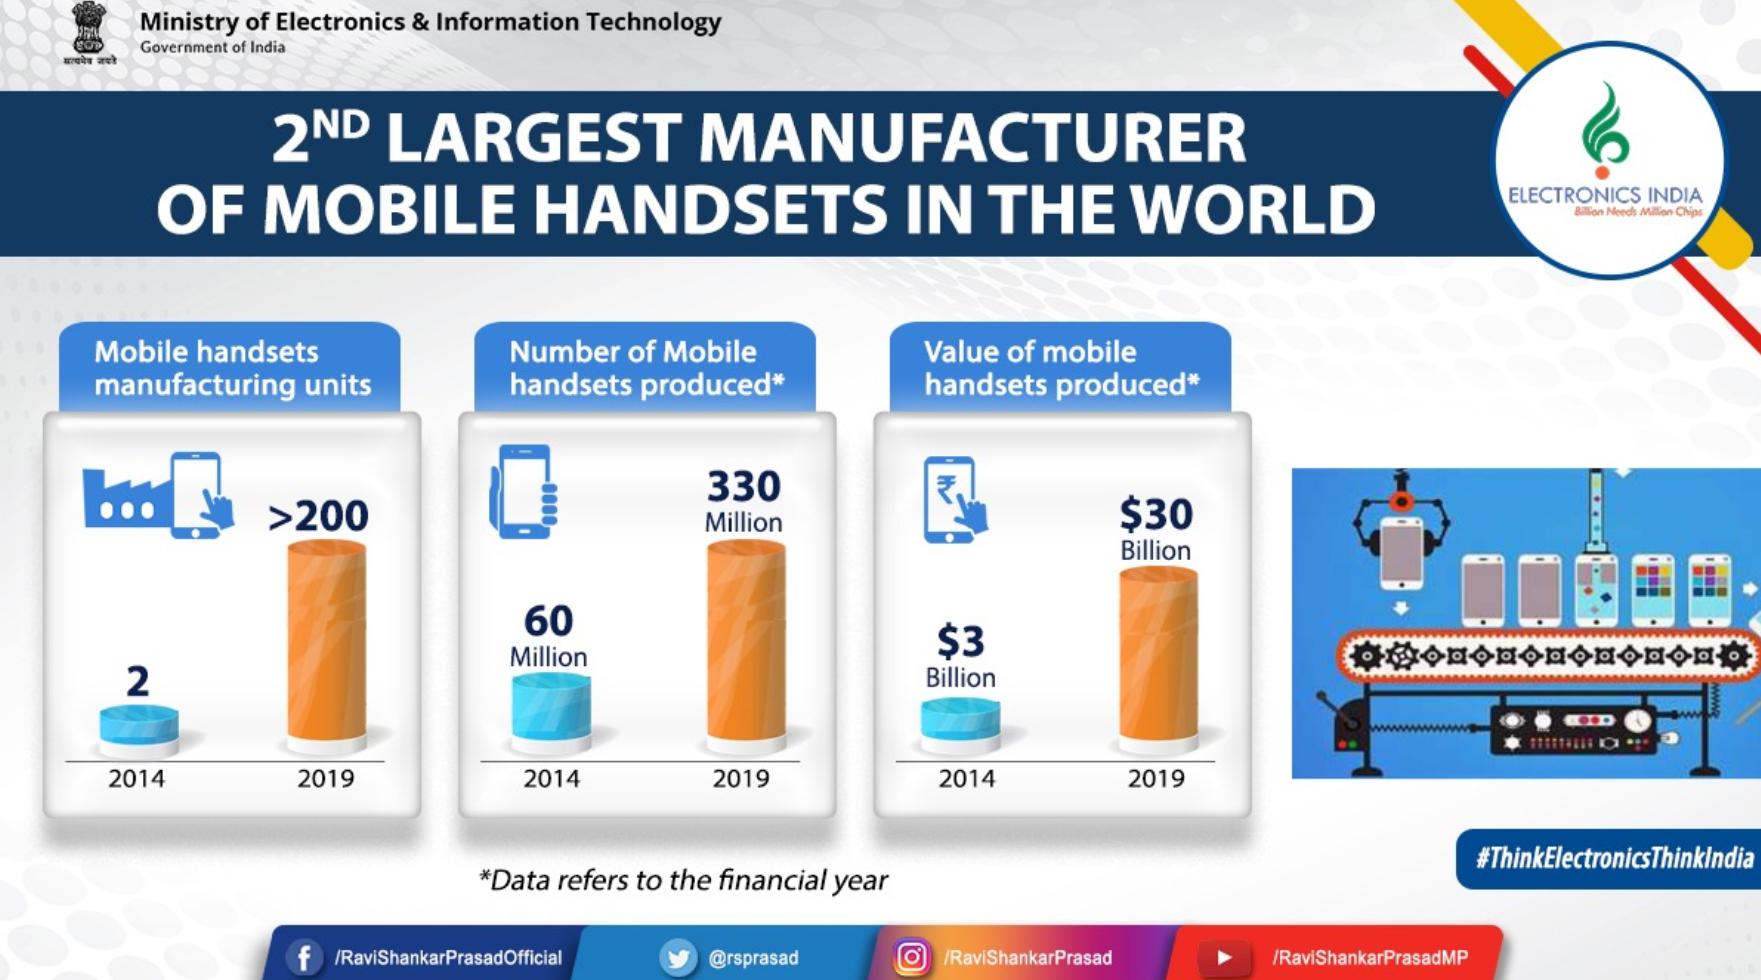 争夺手机制造业份额 印度推出66.5亿美元激励计划 力促全产业链提升